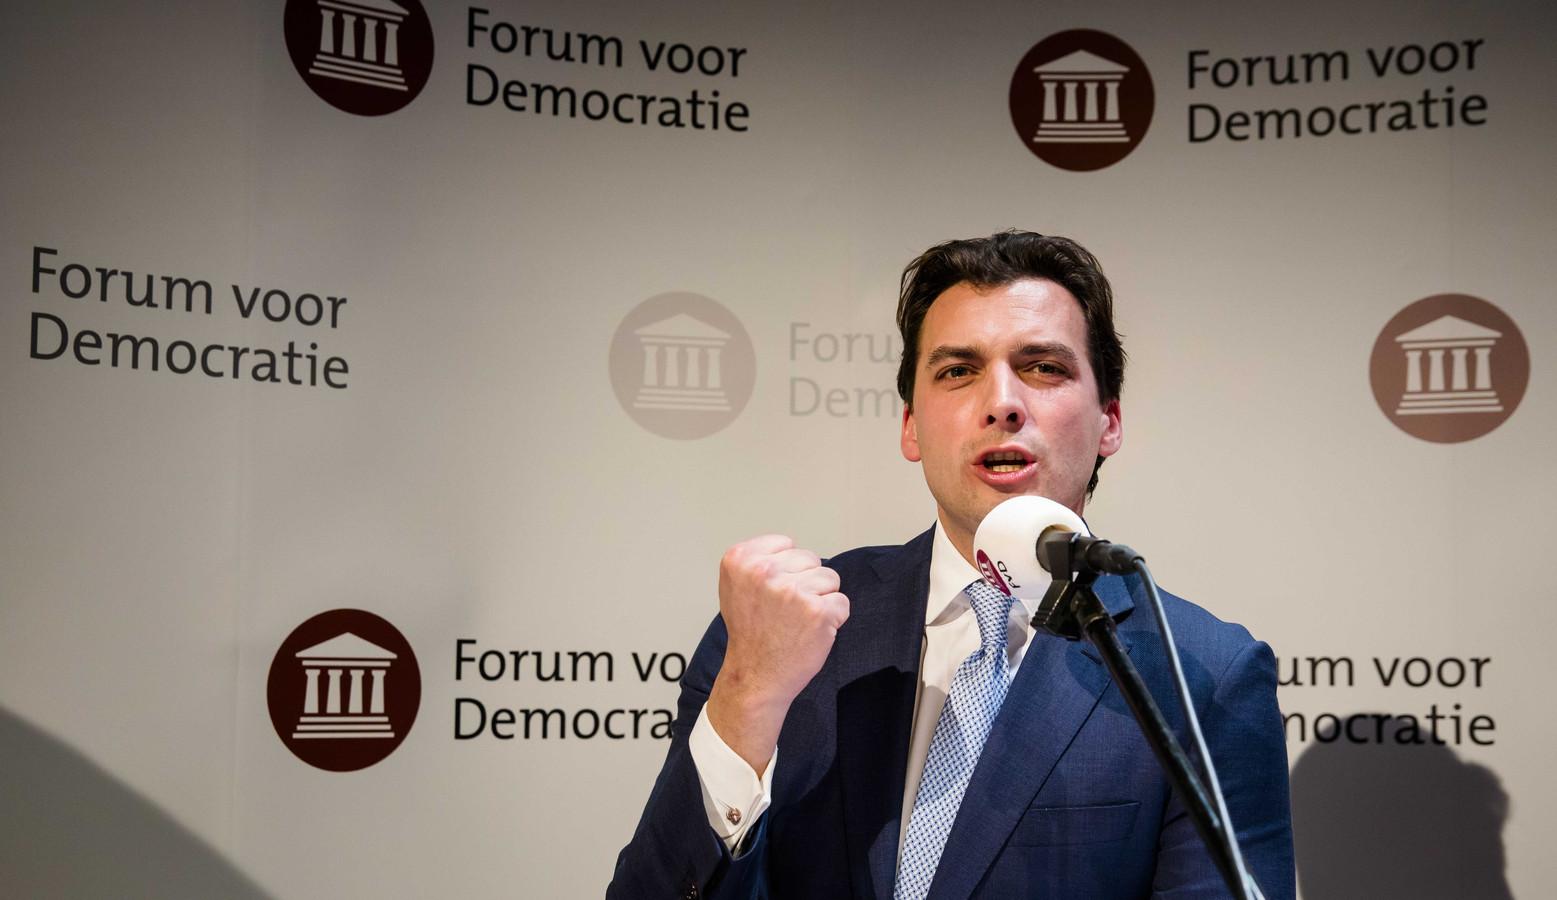 Thierry Baudet spreekt de aanwezigen toe tijdens de uitslagenavond van de Provinciale Statenverkiezingen en de waterschapsverkiezingen.